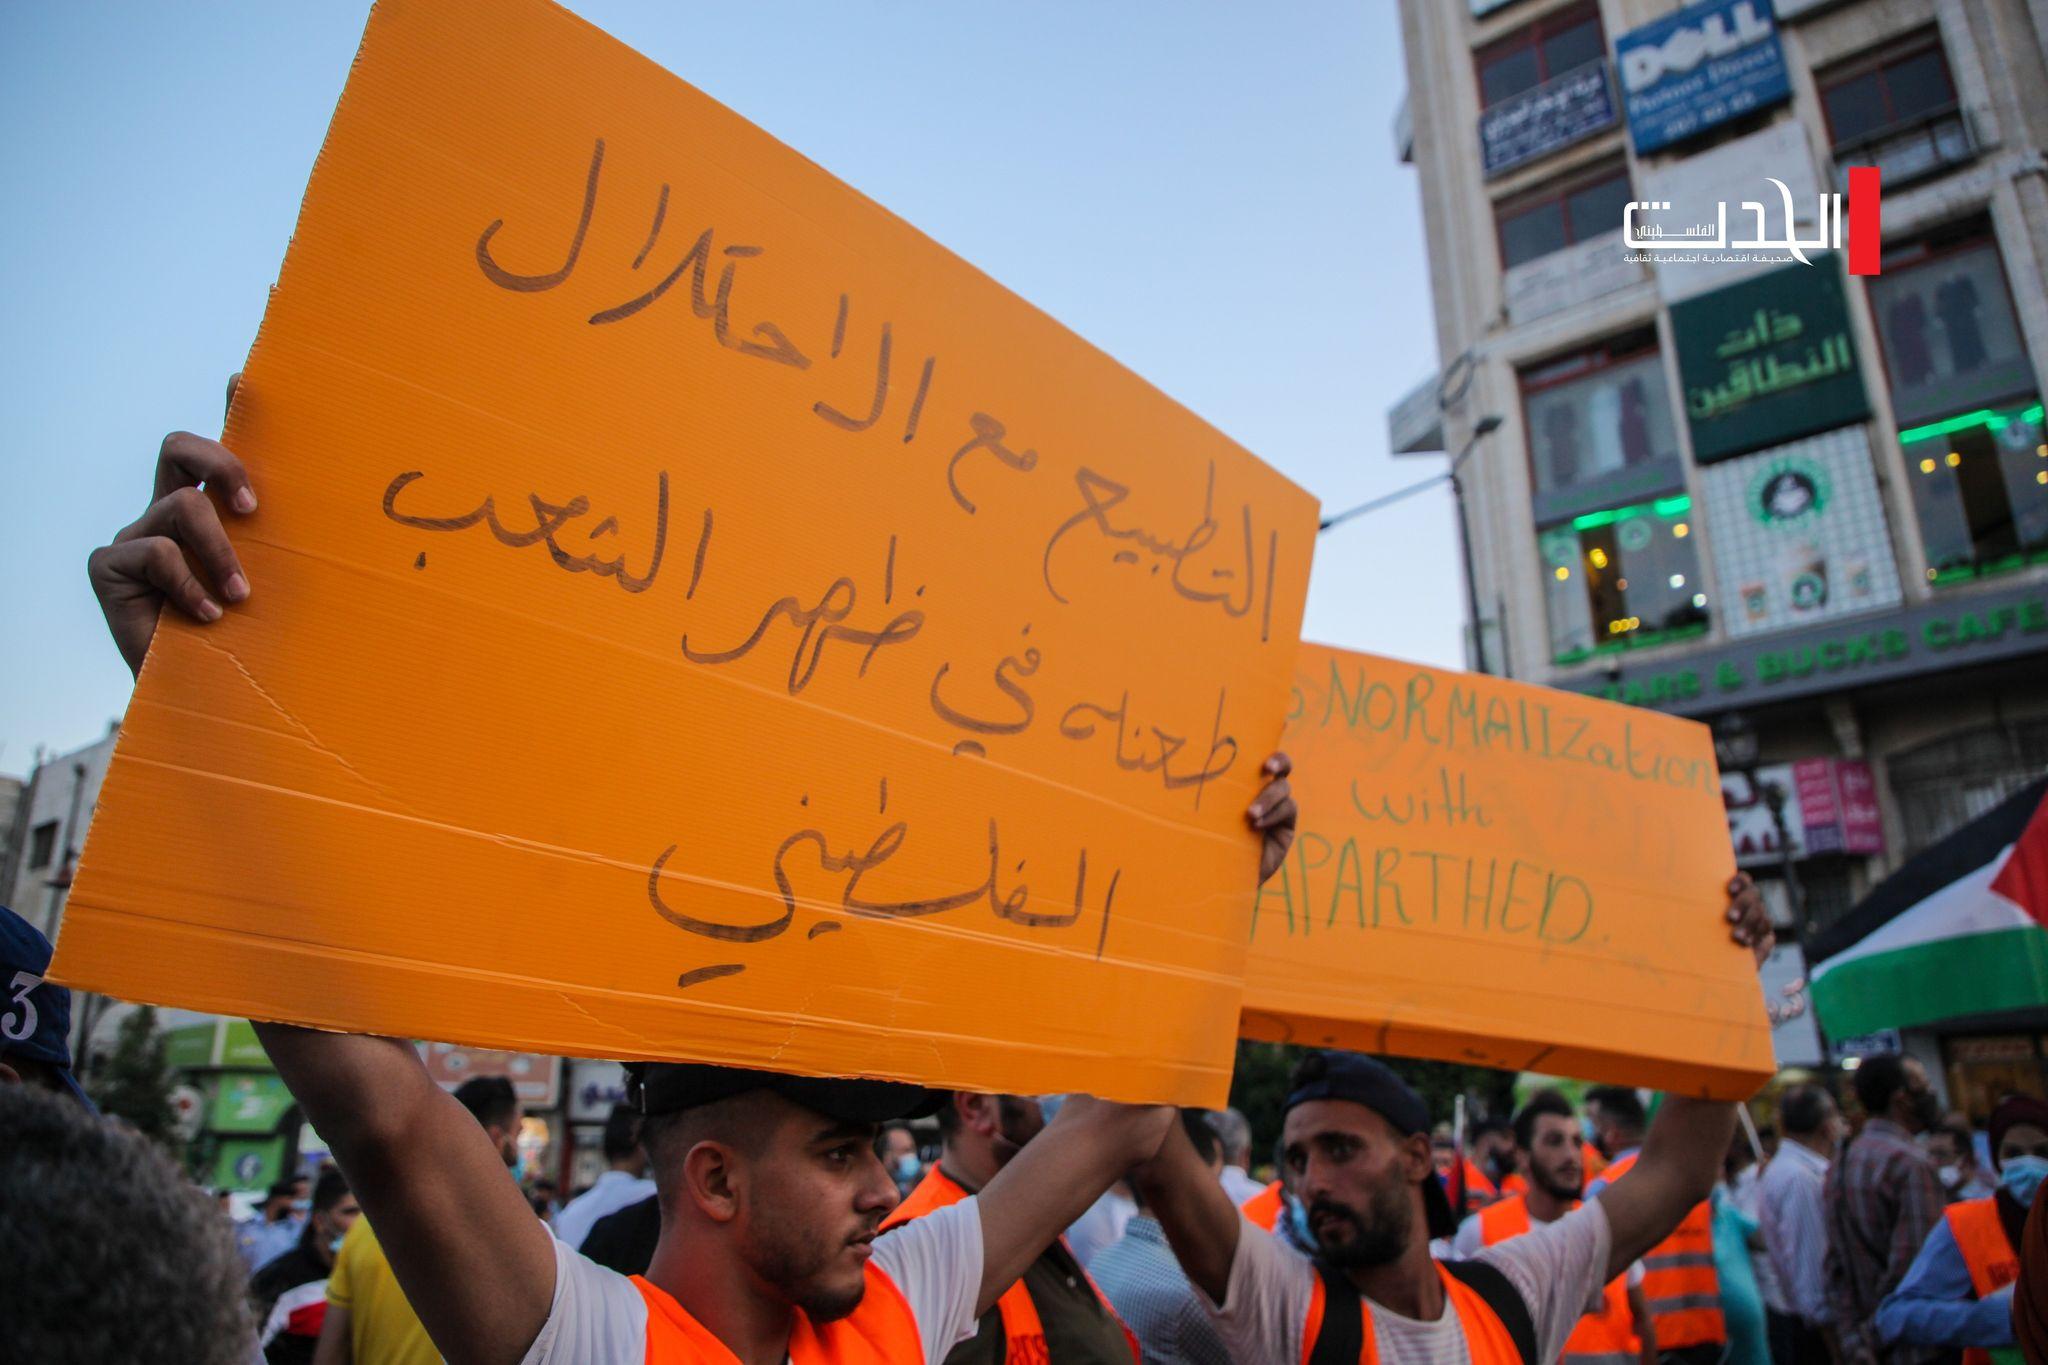 كيف بدت ردود الفعل العربية الشعبية على اتفاقيّ التطبيع؟